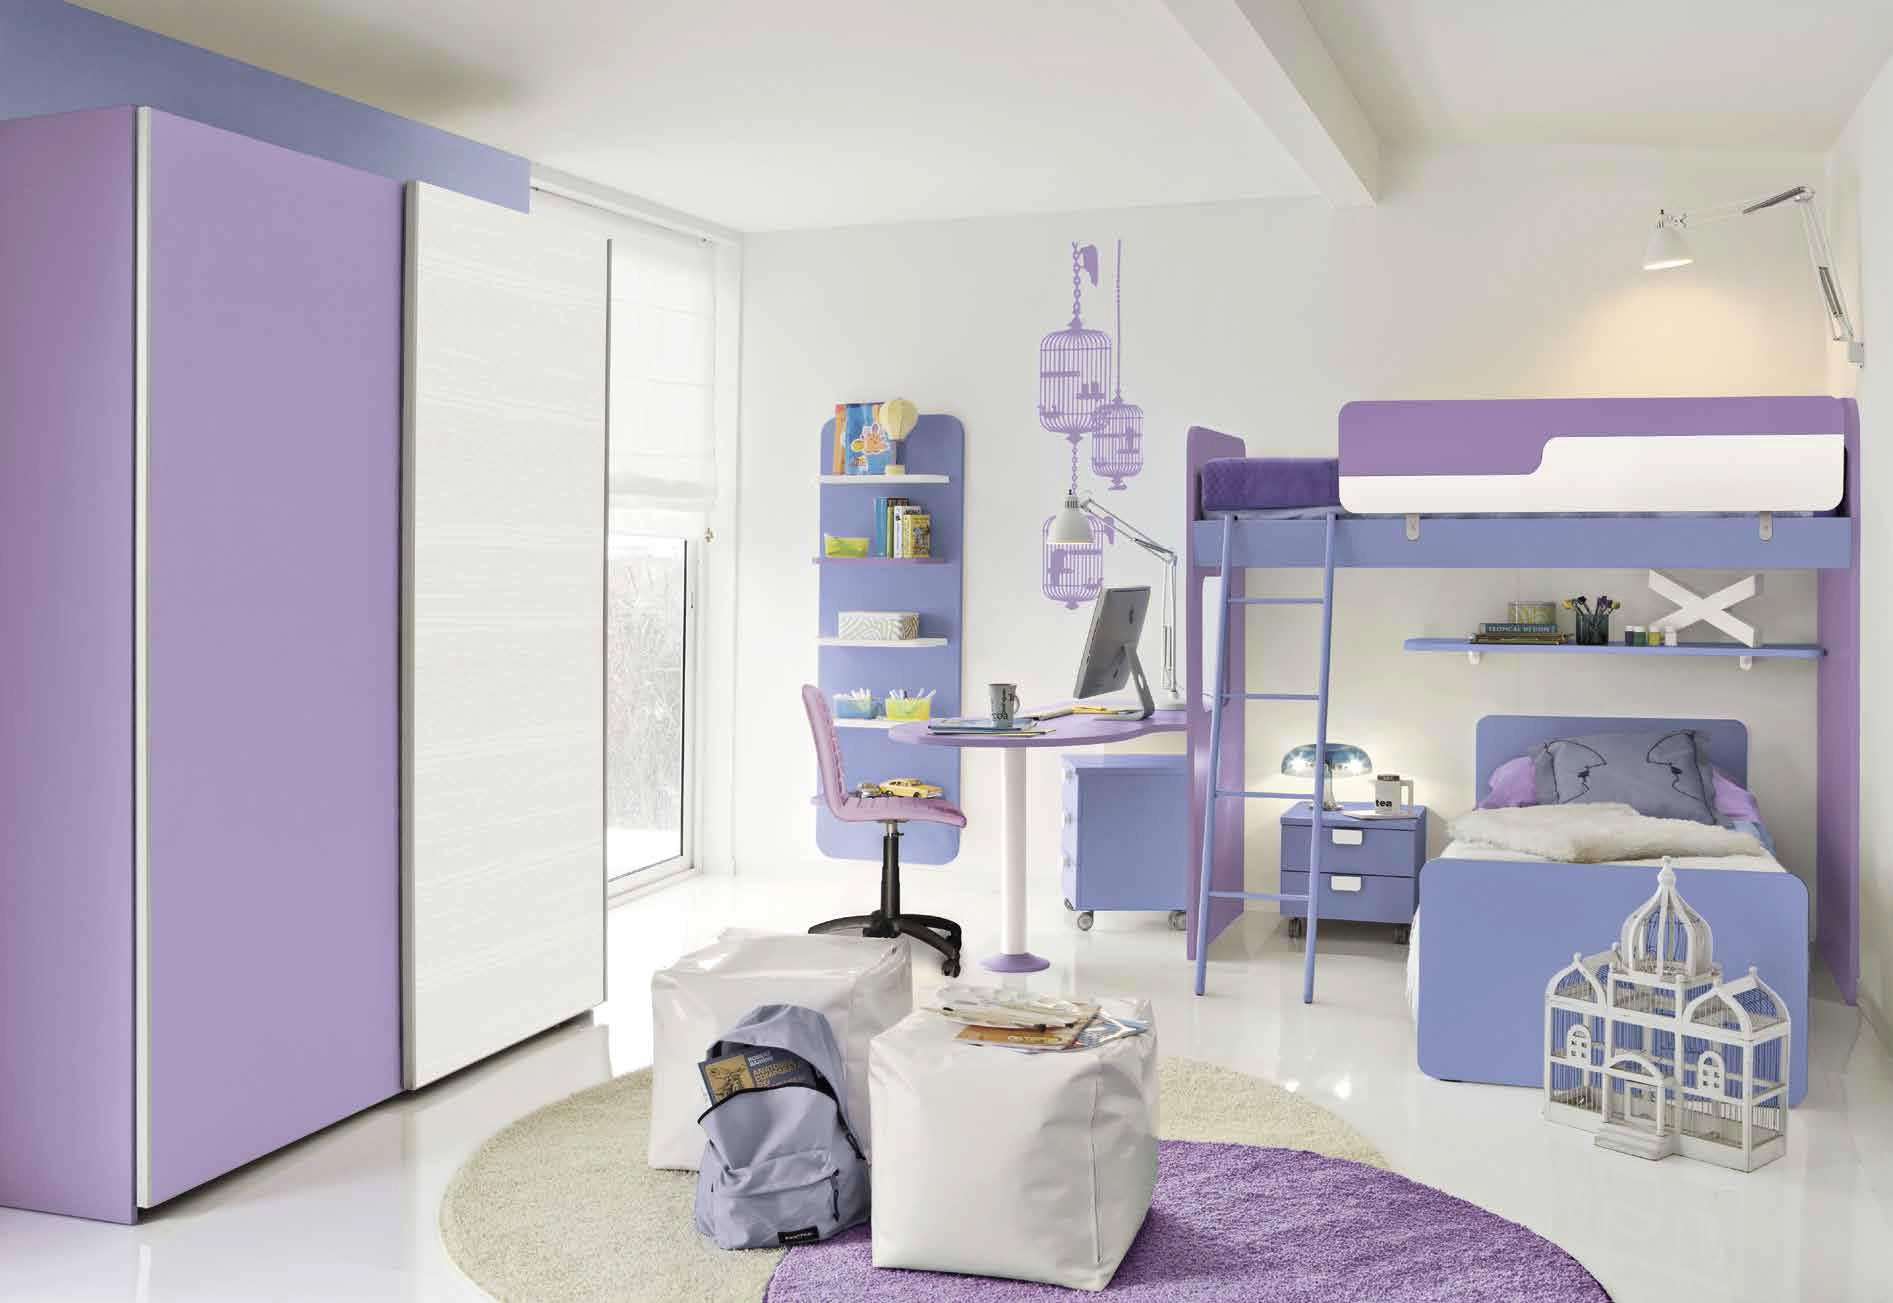 Letti A Soppalco Per Ragazzi Prezzi : Camerette attrezzate la camera per ragazzi capitolo lineatre